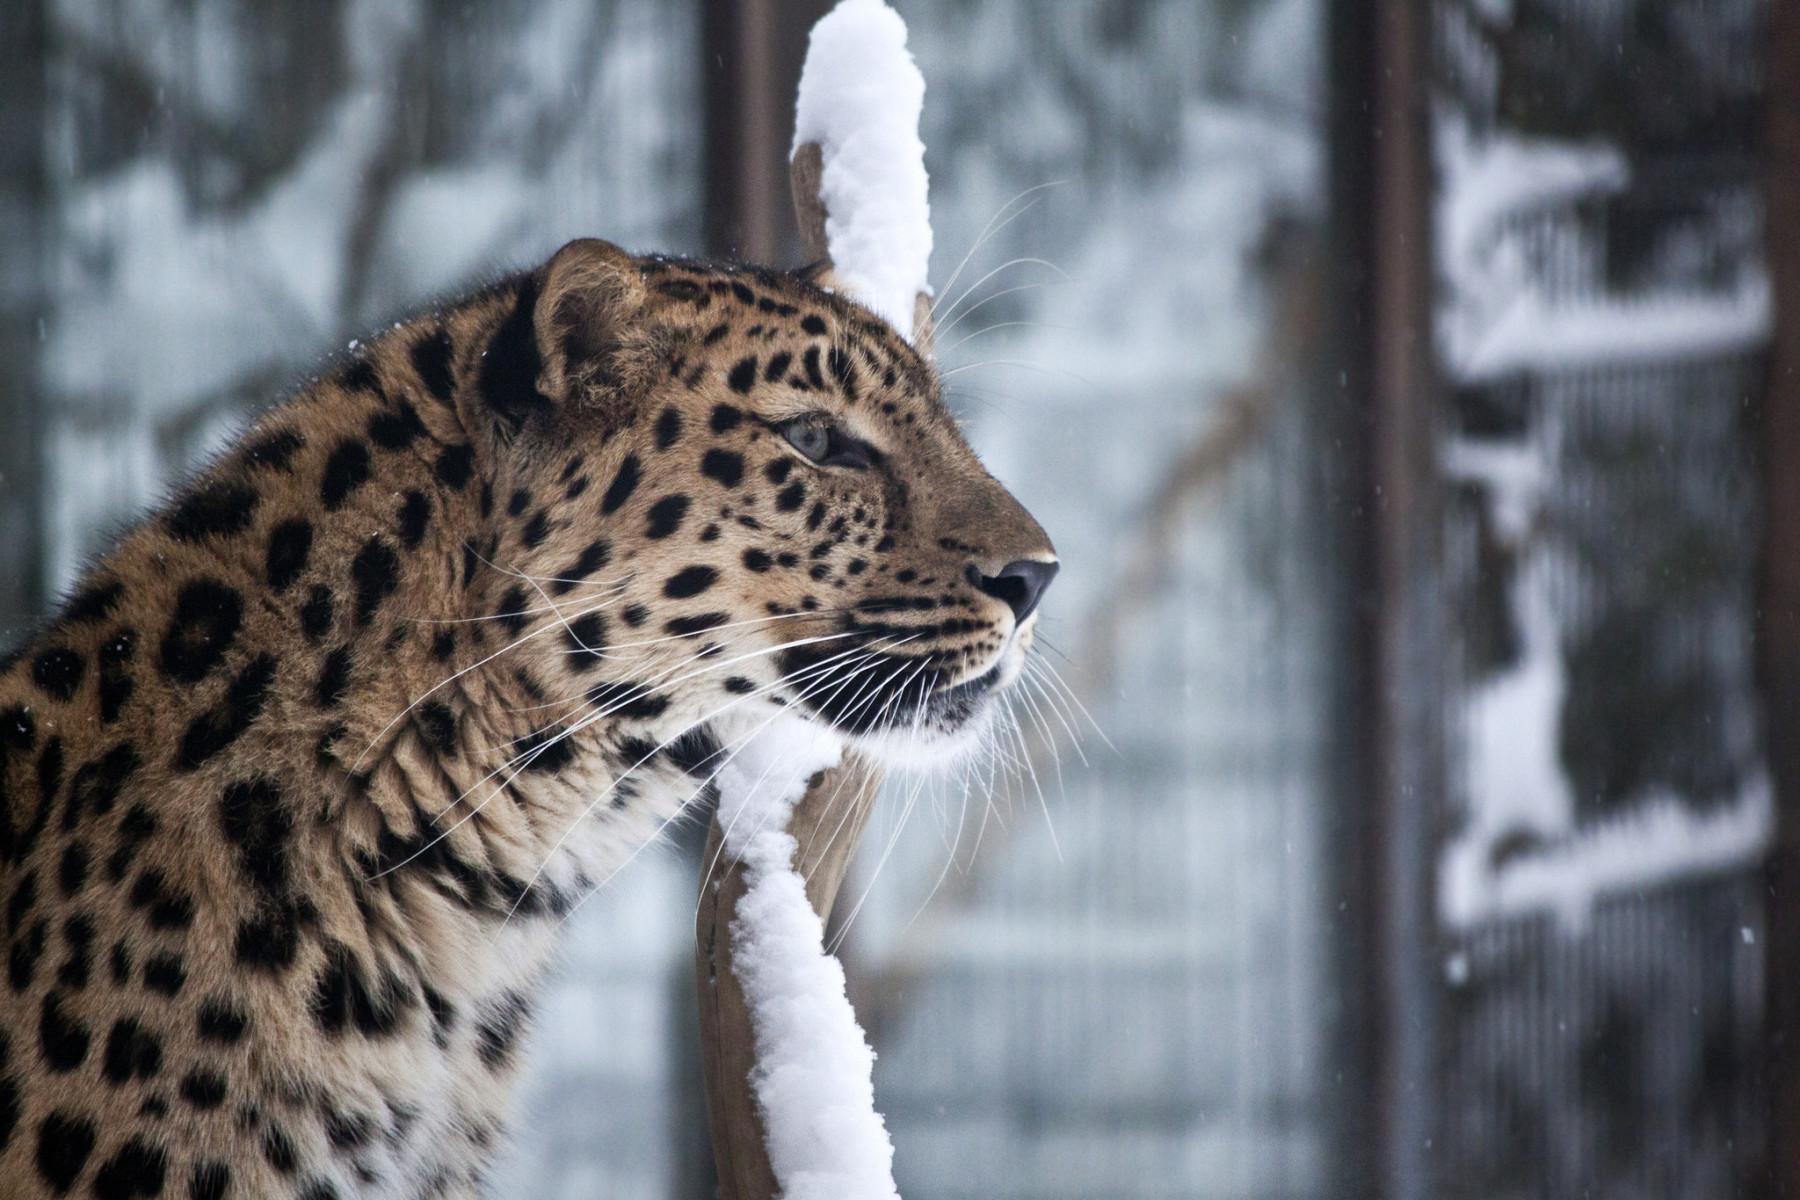 在野外生存的远东豹如今仅存60-80头,不过作为国际保护计划的组成部分,赫尔辛基动物园已经养育了20余头幼豹。